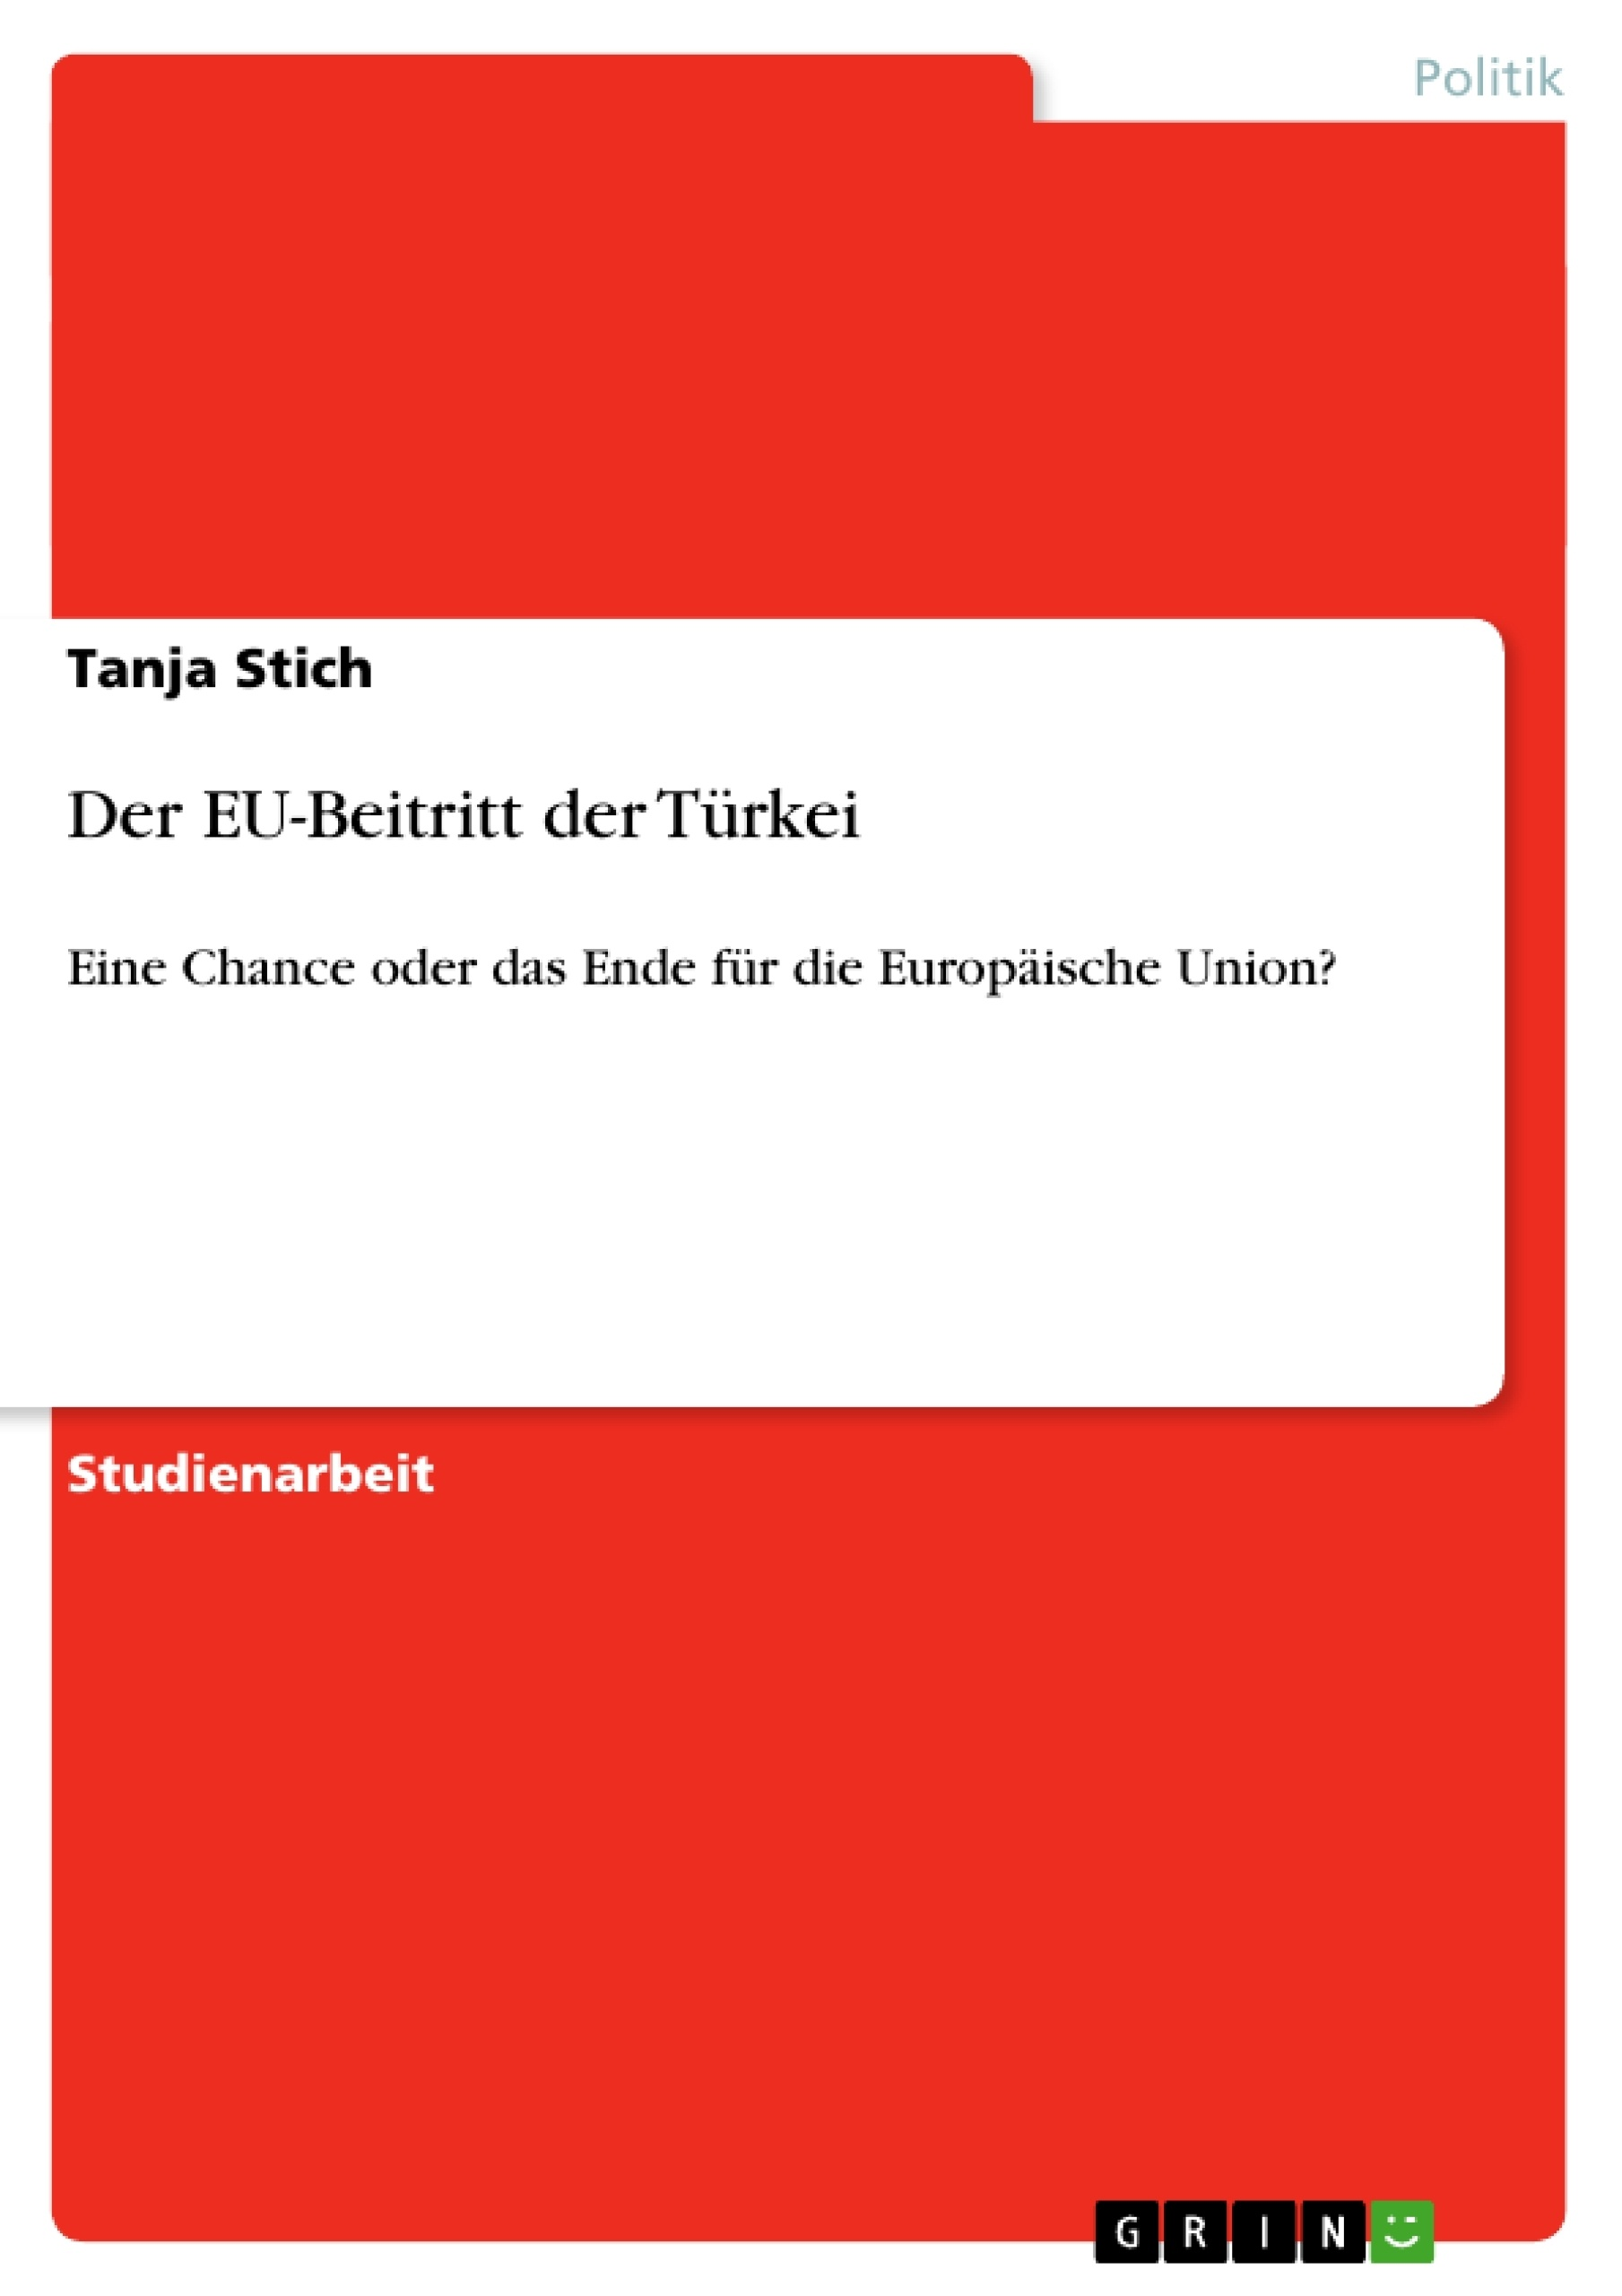 Titel: Der EU-Beitritt der Türkei